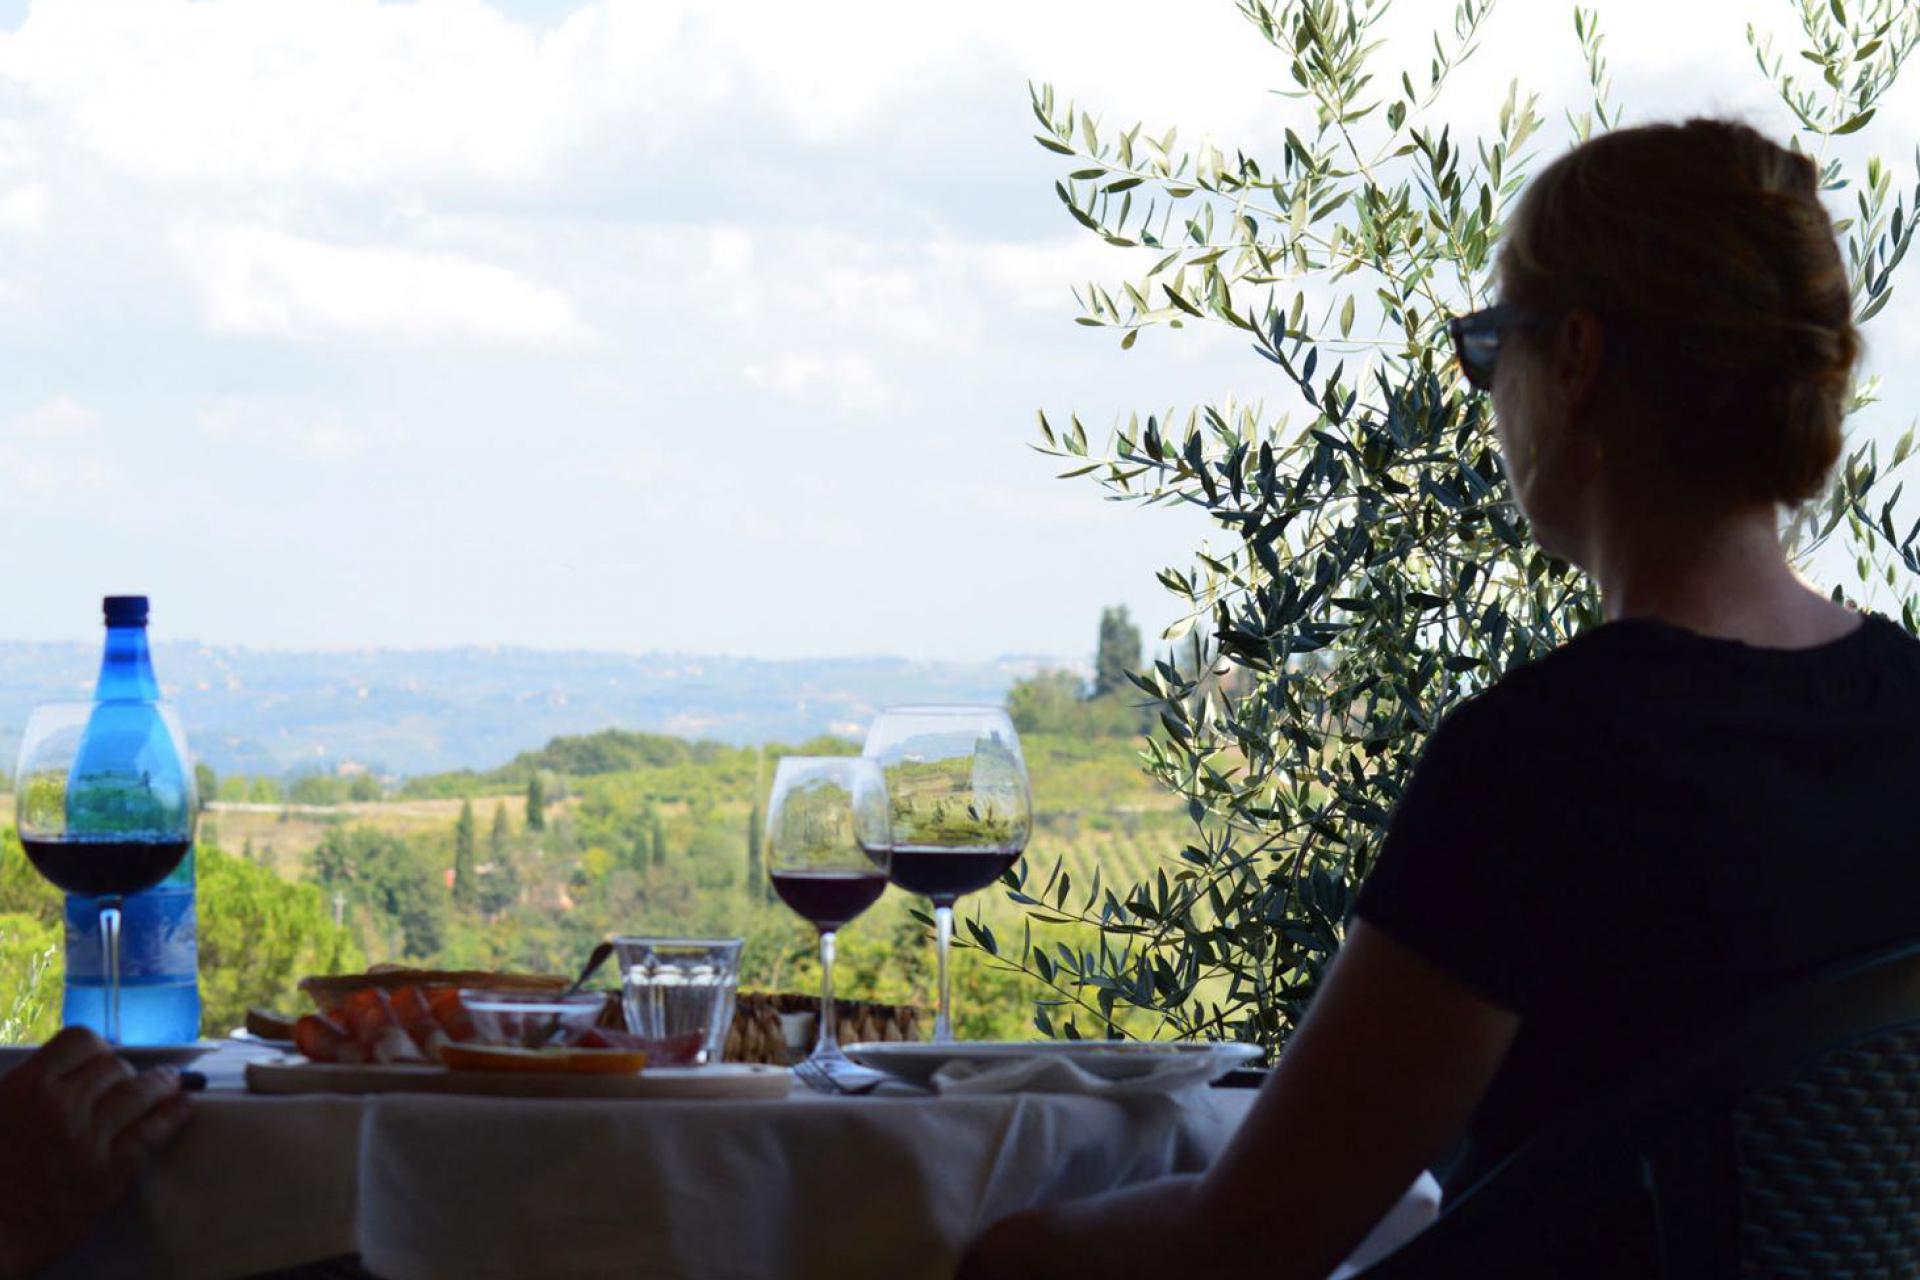 Agriturismo Piemont Agriturismo im Herzen des Piemont für Entspannung pur